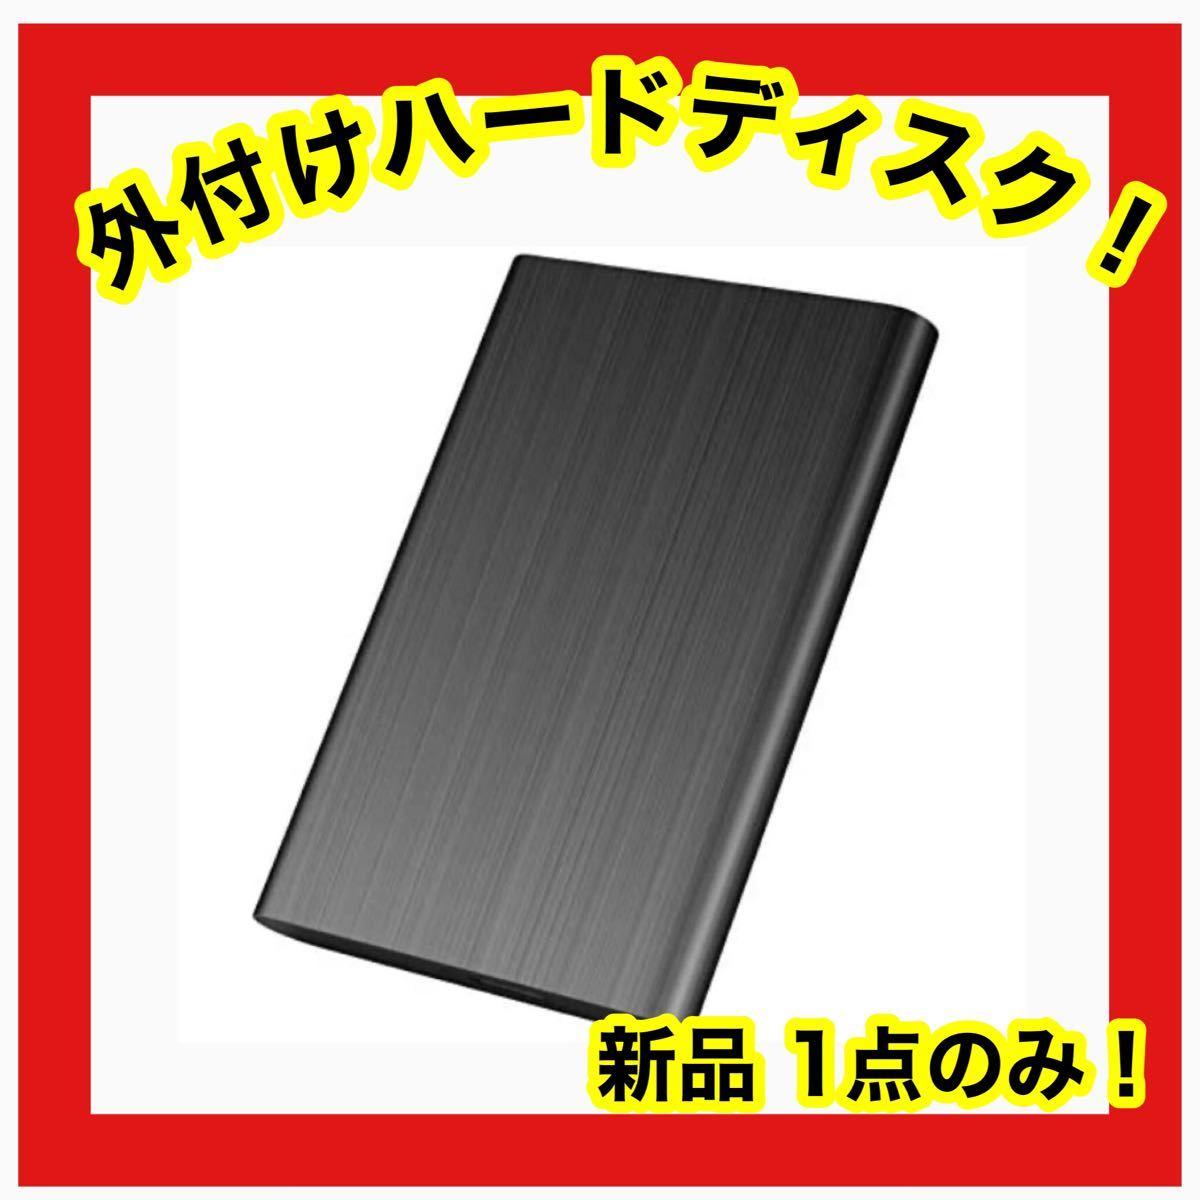 ★新品★1点のみ★外付けハードディスク 外付けHDD ポータブルハードディスク 1TB Type-C USB3.1 黒 ブラック